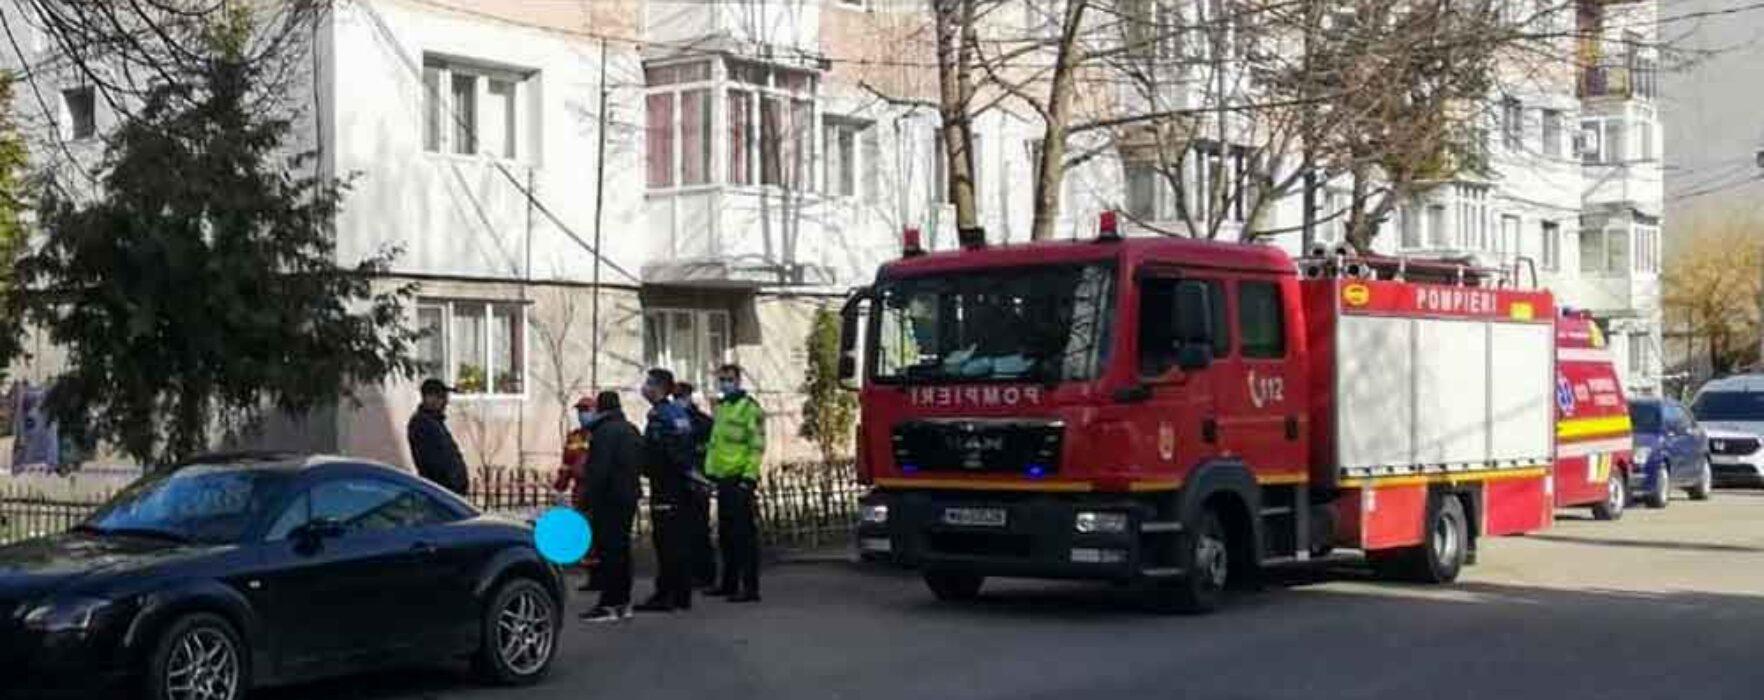 Dâmboviţa: Locatarii unui bloc din Găeşti, evacuaţi din cauza mirosului puternic de gaze